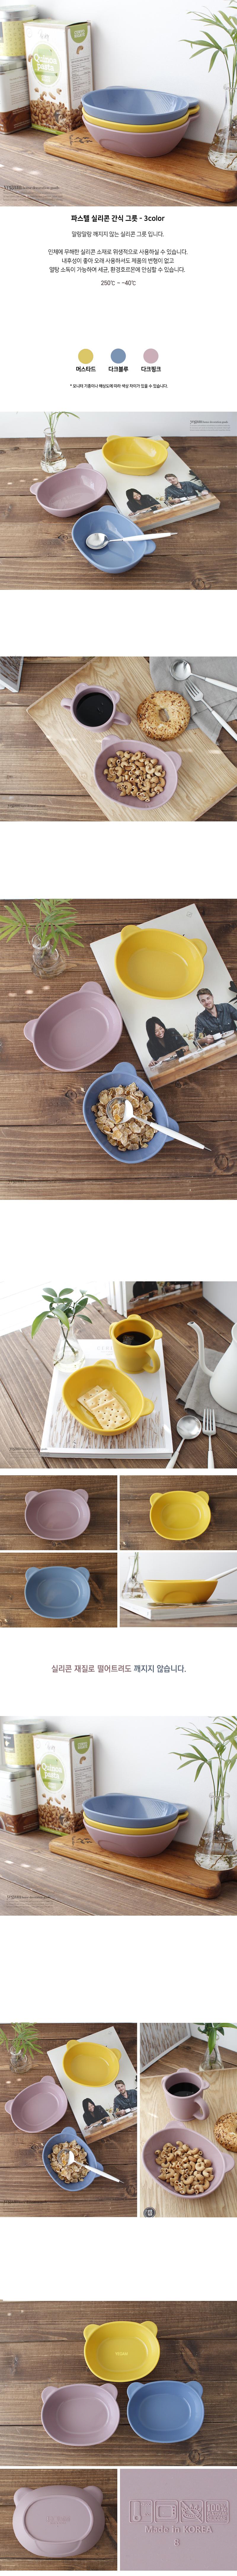 곰돌이 실리콘 유아 씨리얼 간식 그릇 접시 - 베이비글, 8,000원, 접시/찬기, 접시